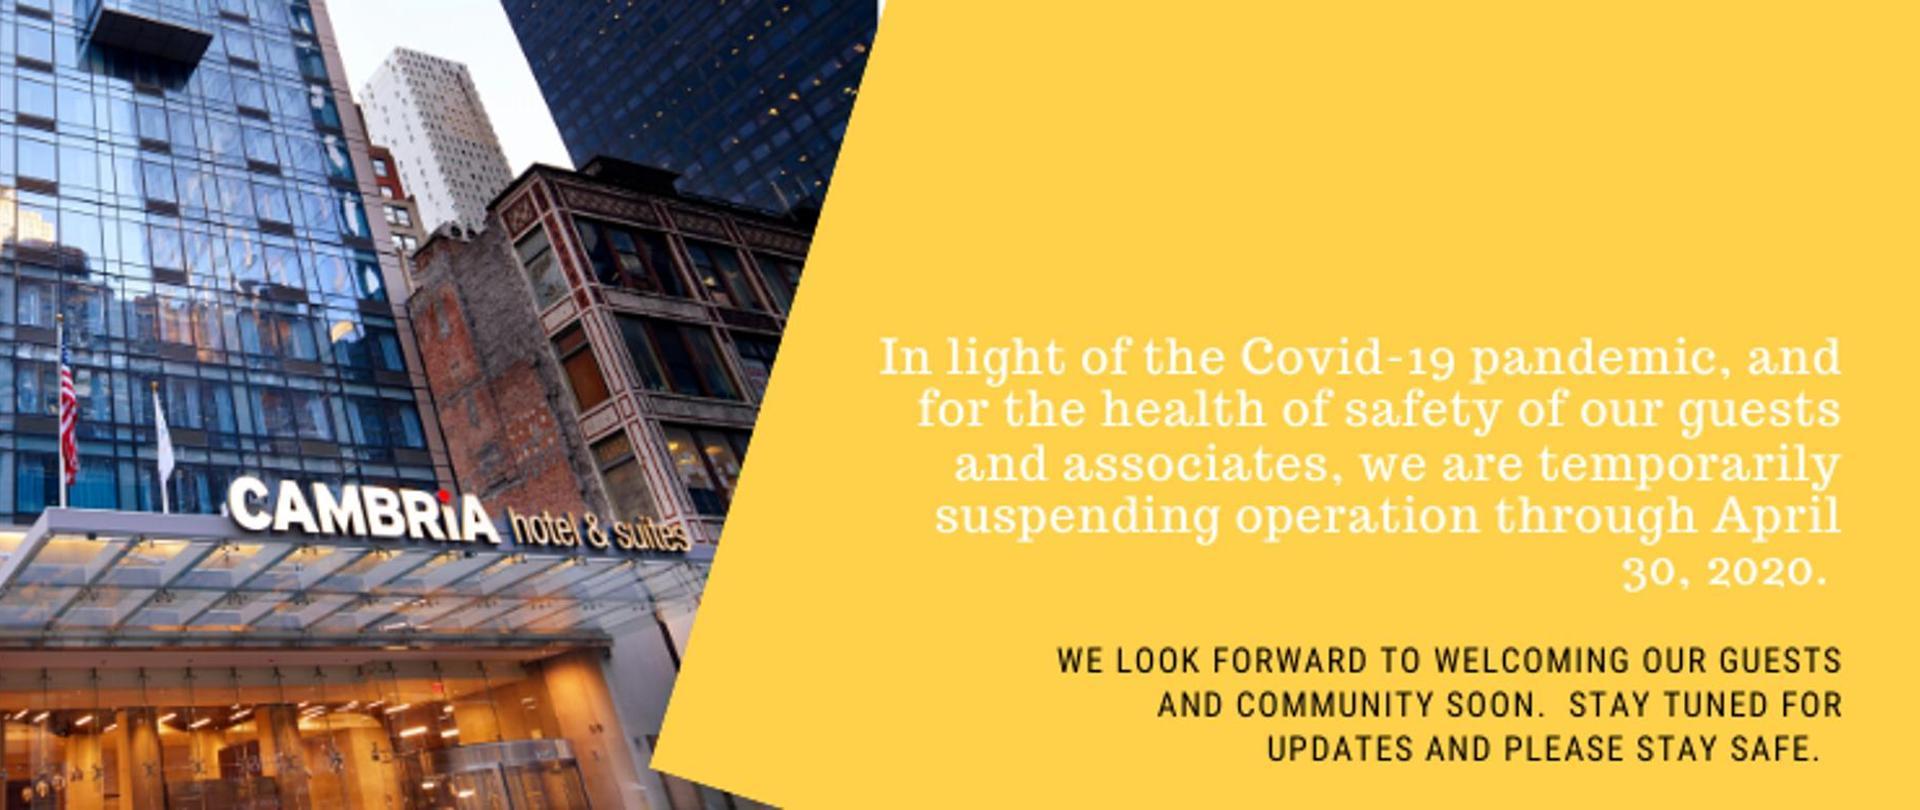 Cambria Hotel Times Square-Covid 19.png